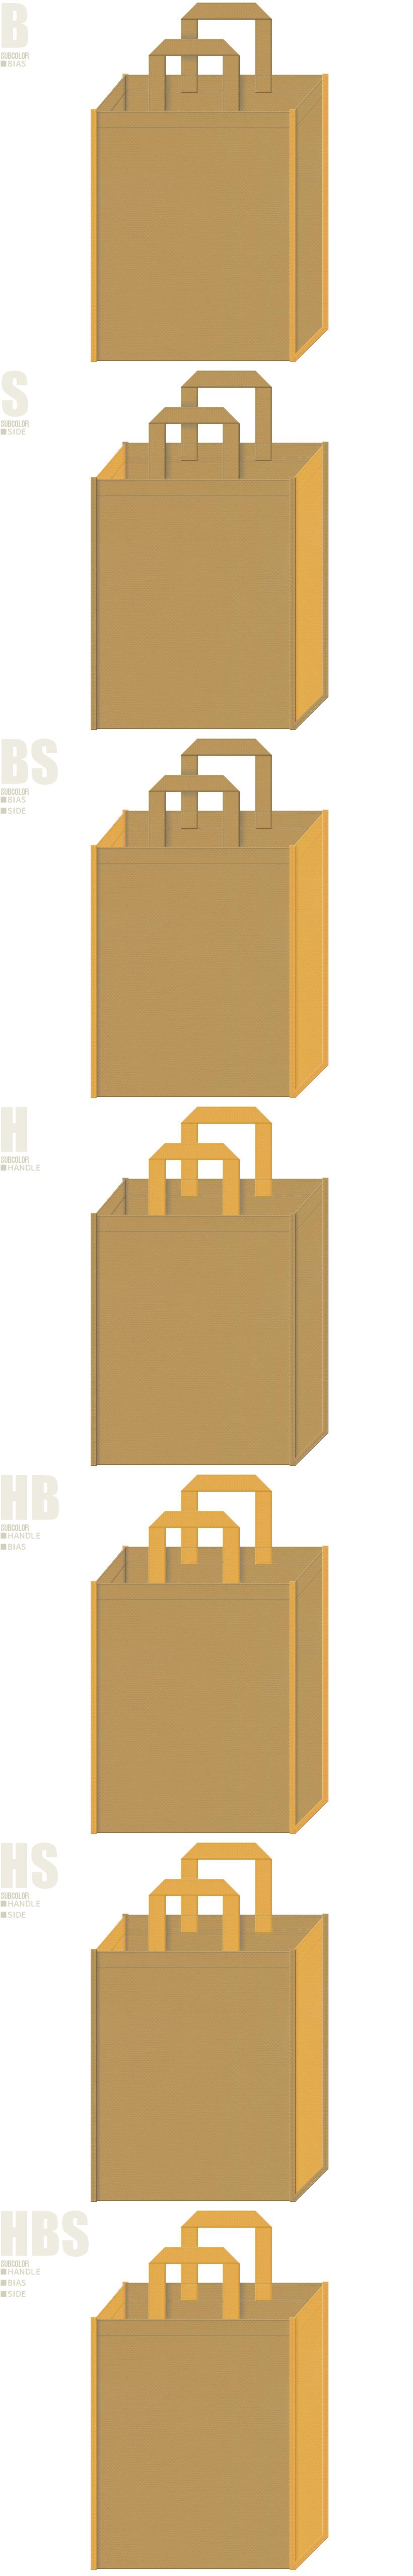 金色系黄土色と黄土色、7パターンの不織布トートバッグ配色デザイン例。作業用品・日曜大工用品の展示会用バッグにお奨めです。